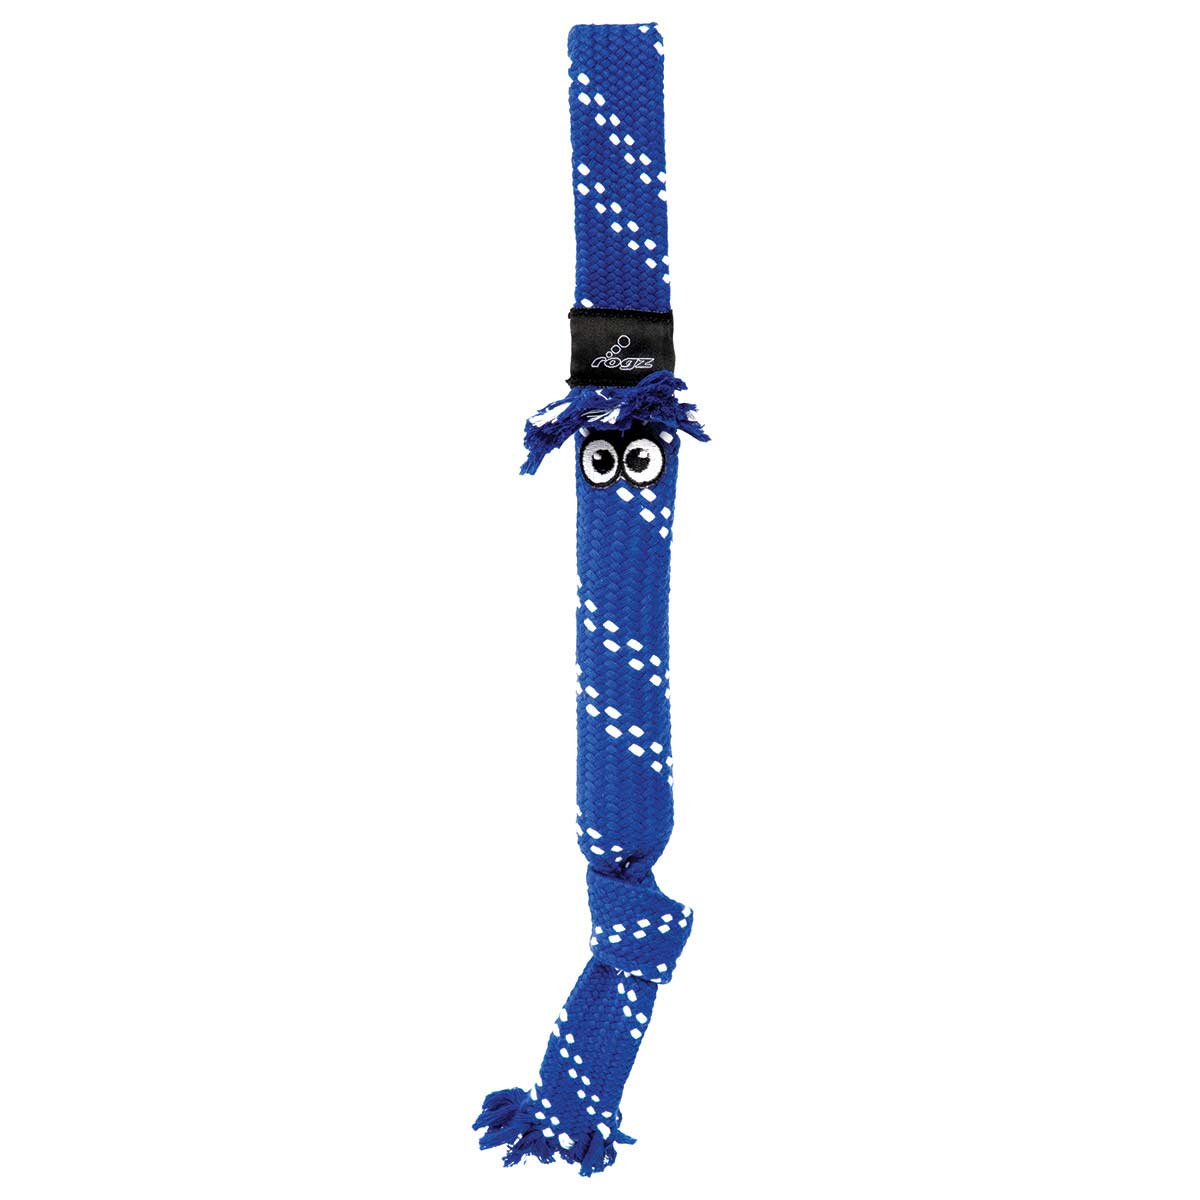 Blue Medium ROGZ Scrubz Fetch Toy for Dogs